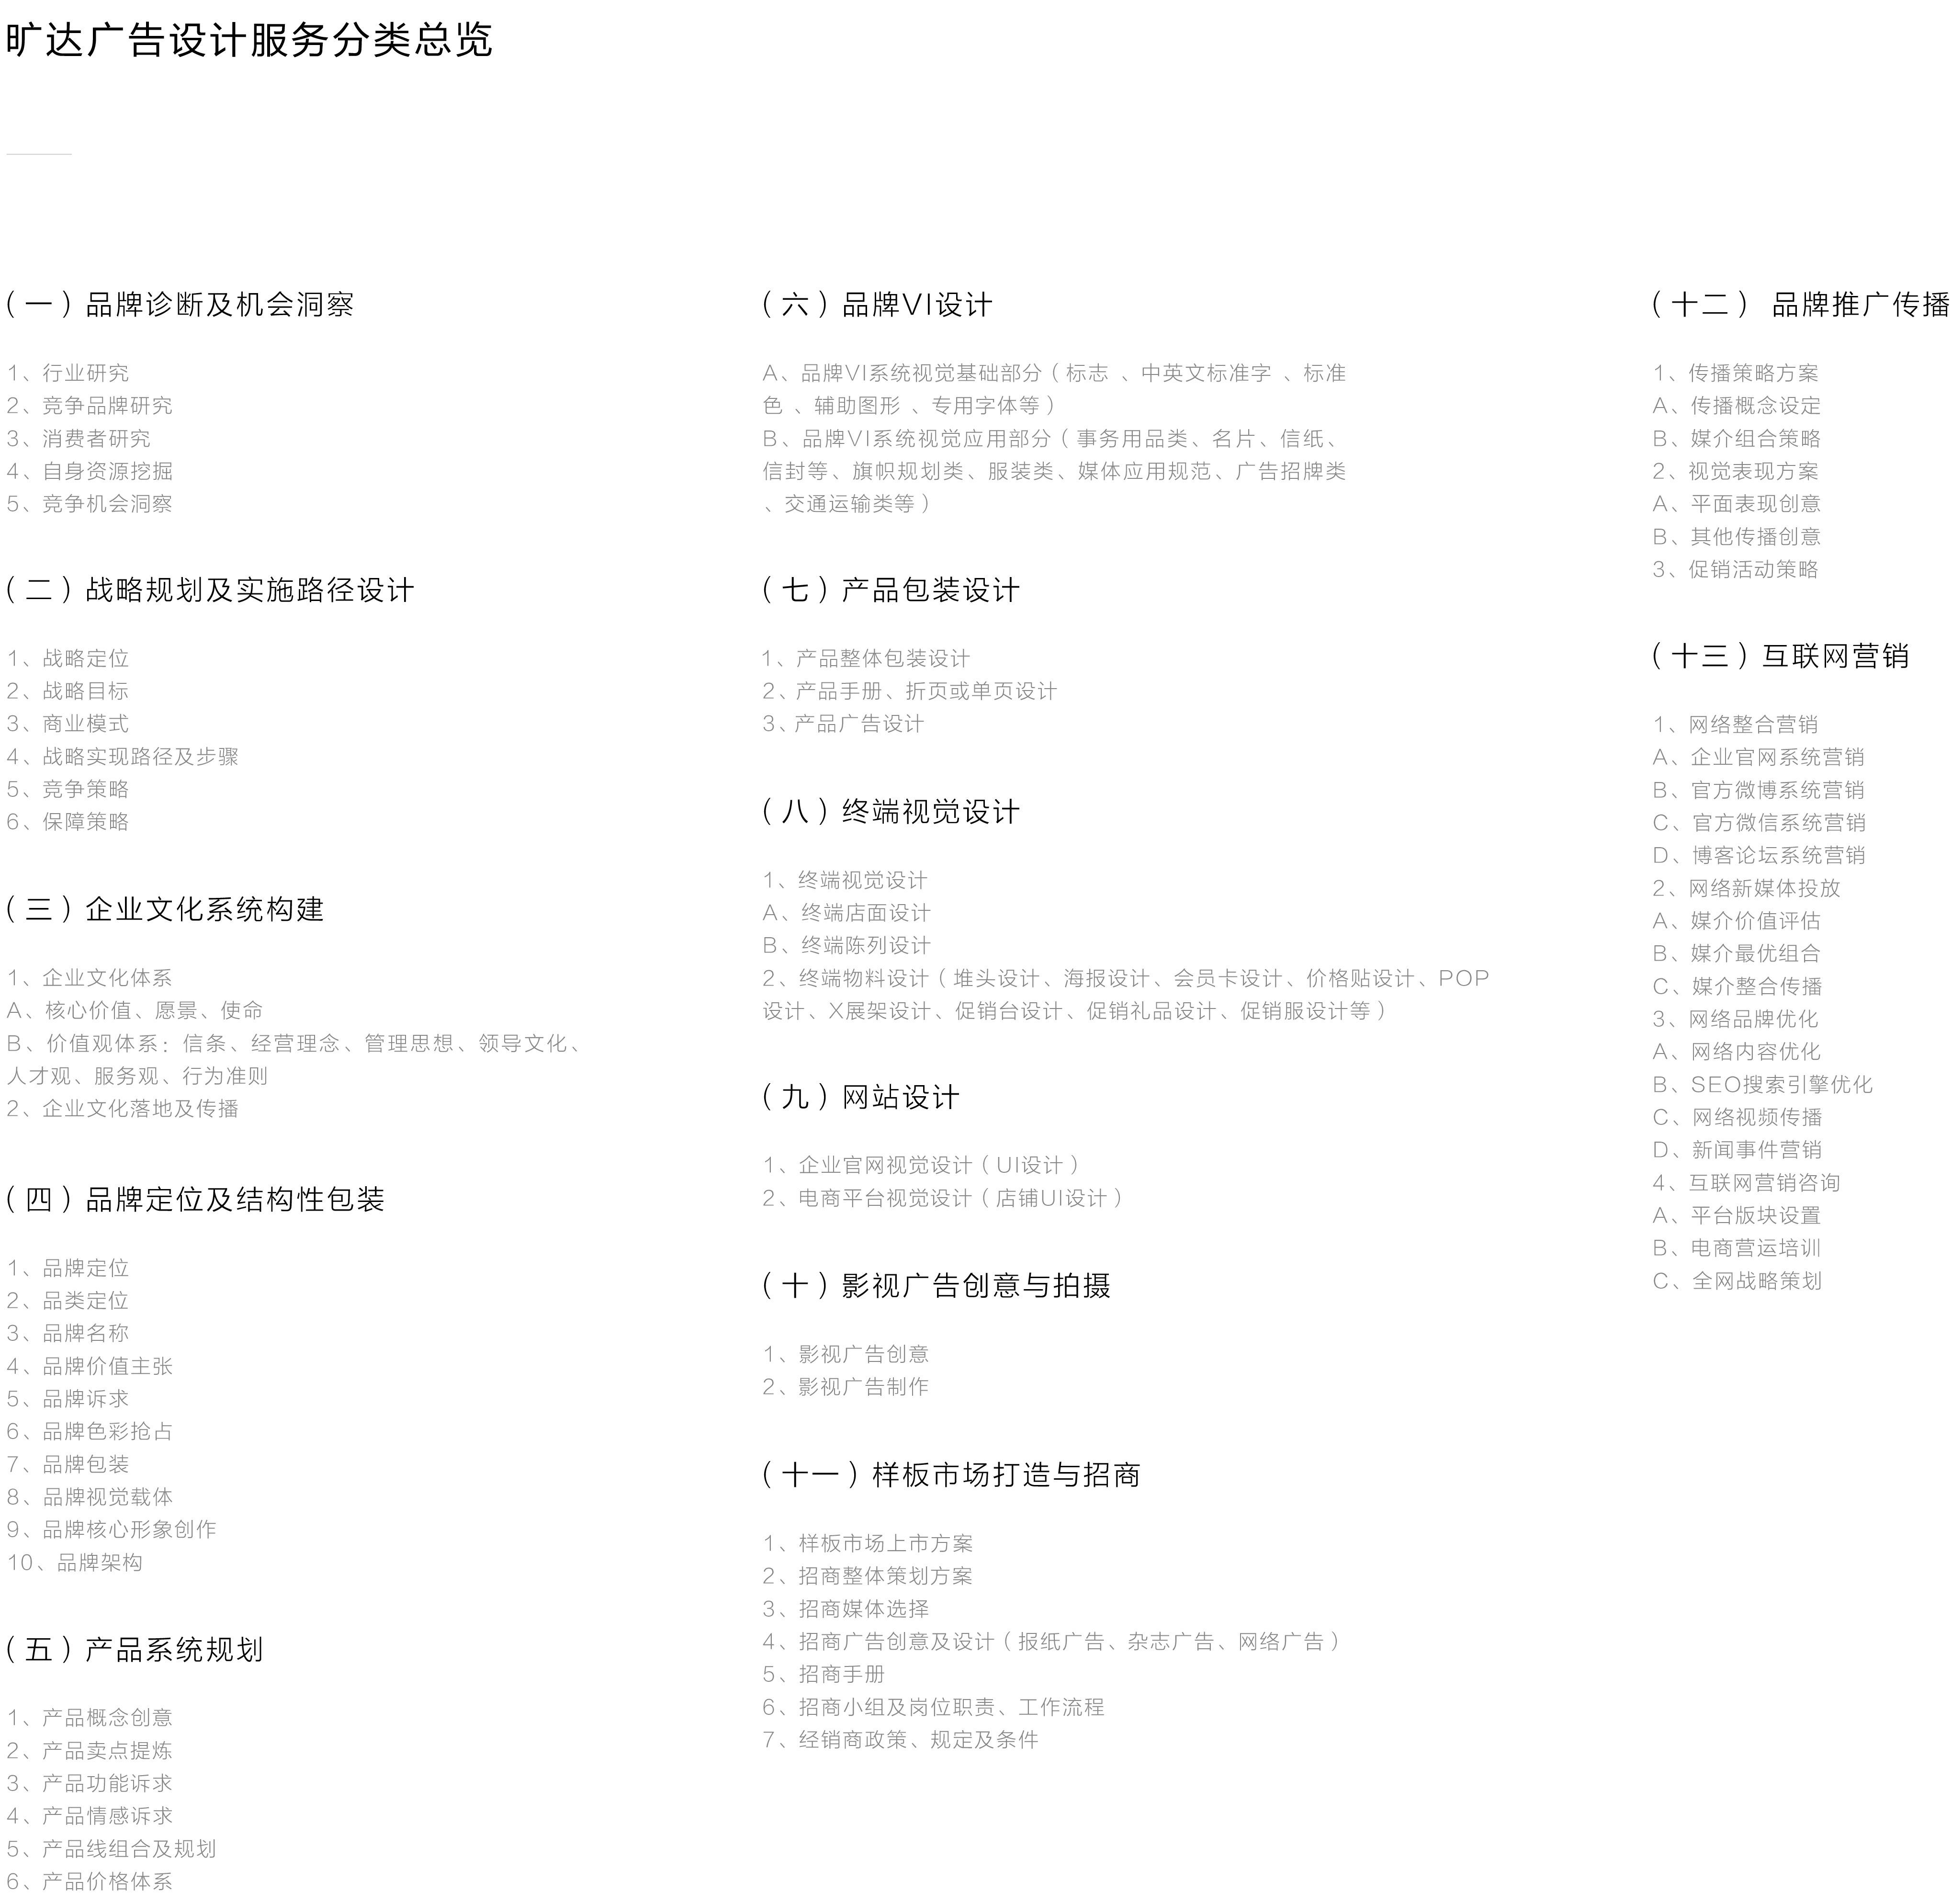 设计服务总览-01-1.jpg